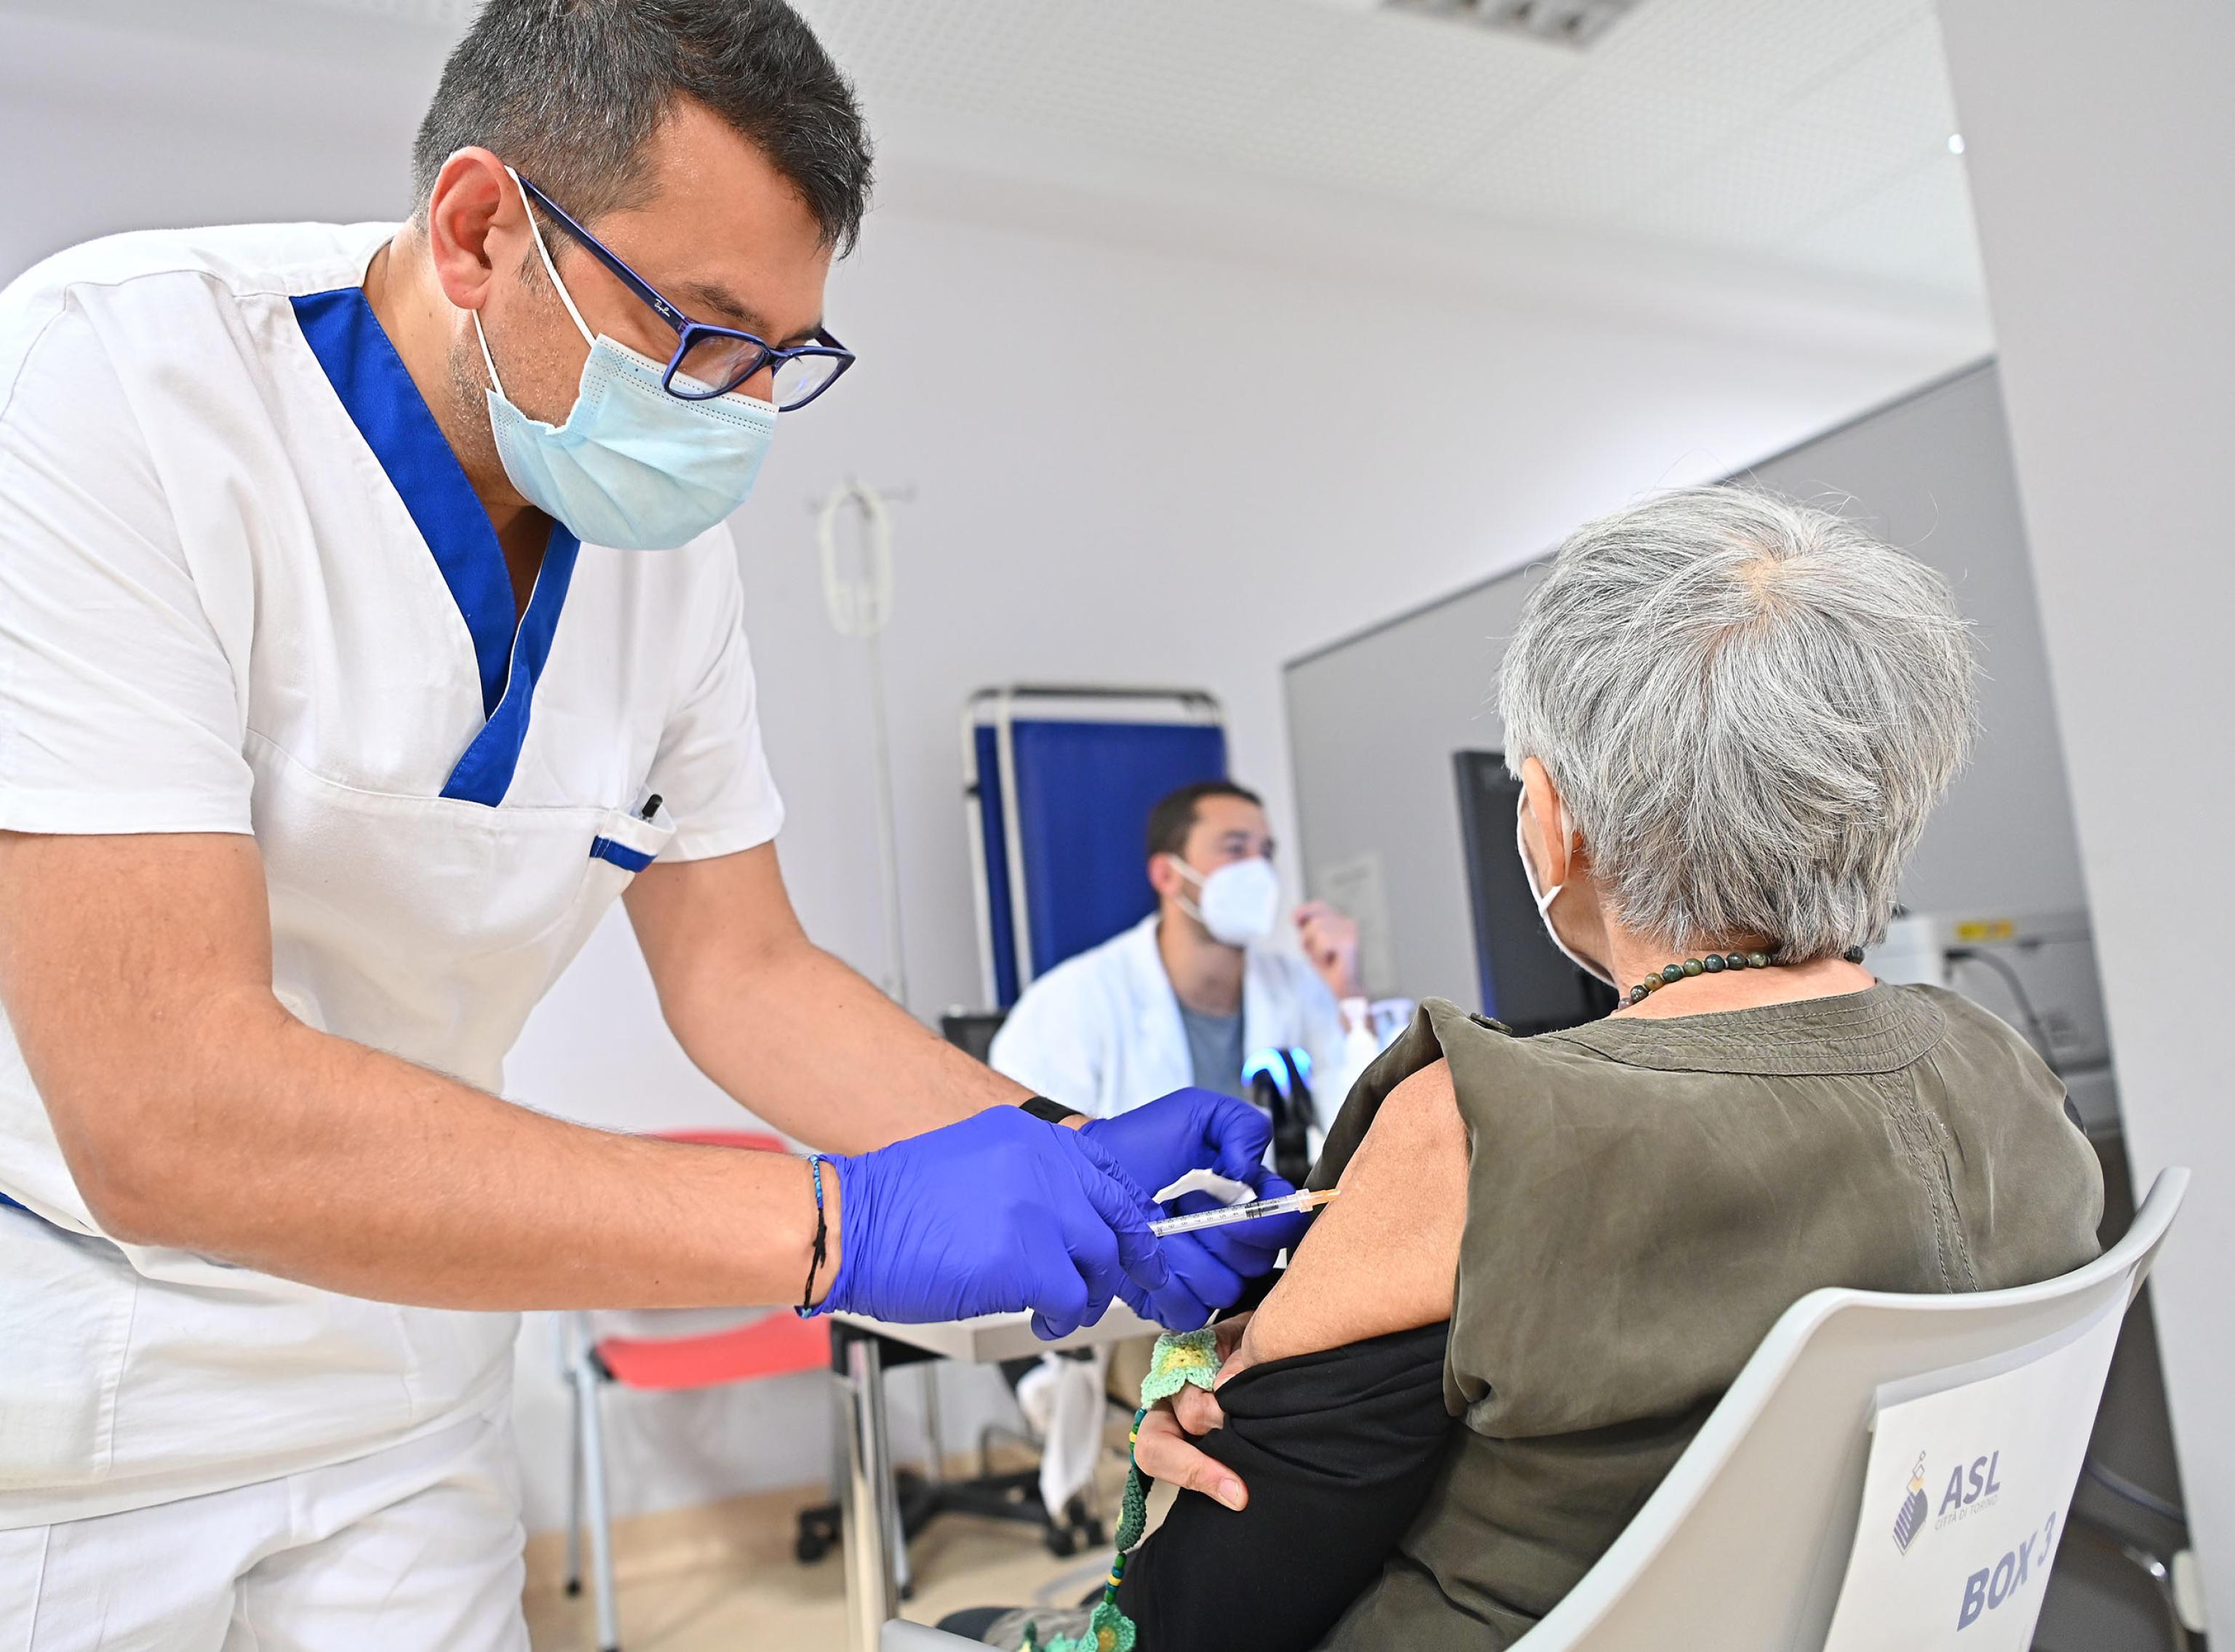 Il déjà vu della pandemia, gli scienziati ora si dividono sulla terza dose. Ricciardi: «Per tutti e periodica». Popoli (Aifa) frena